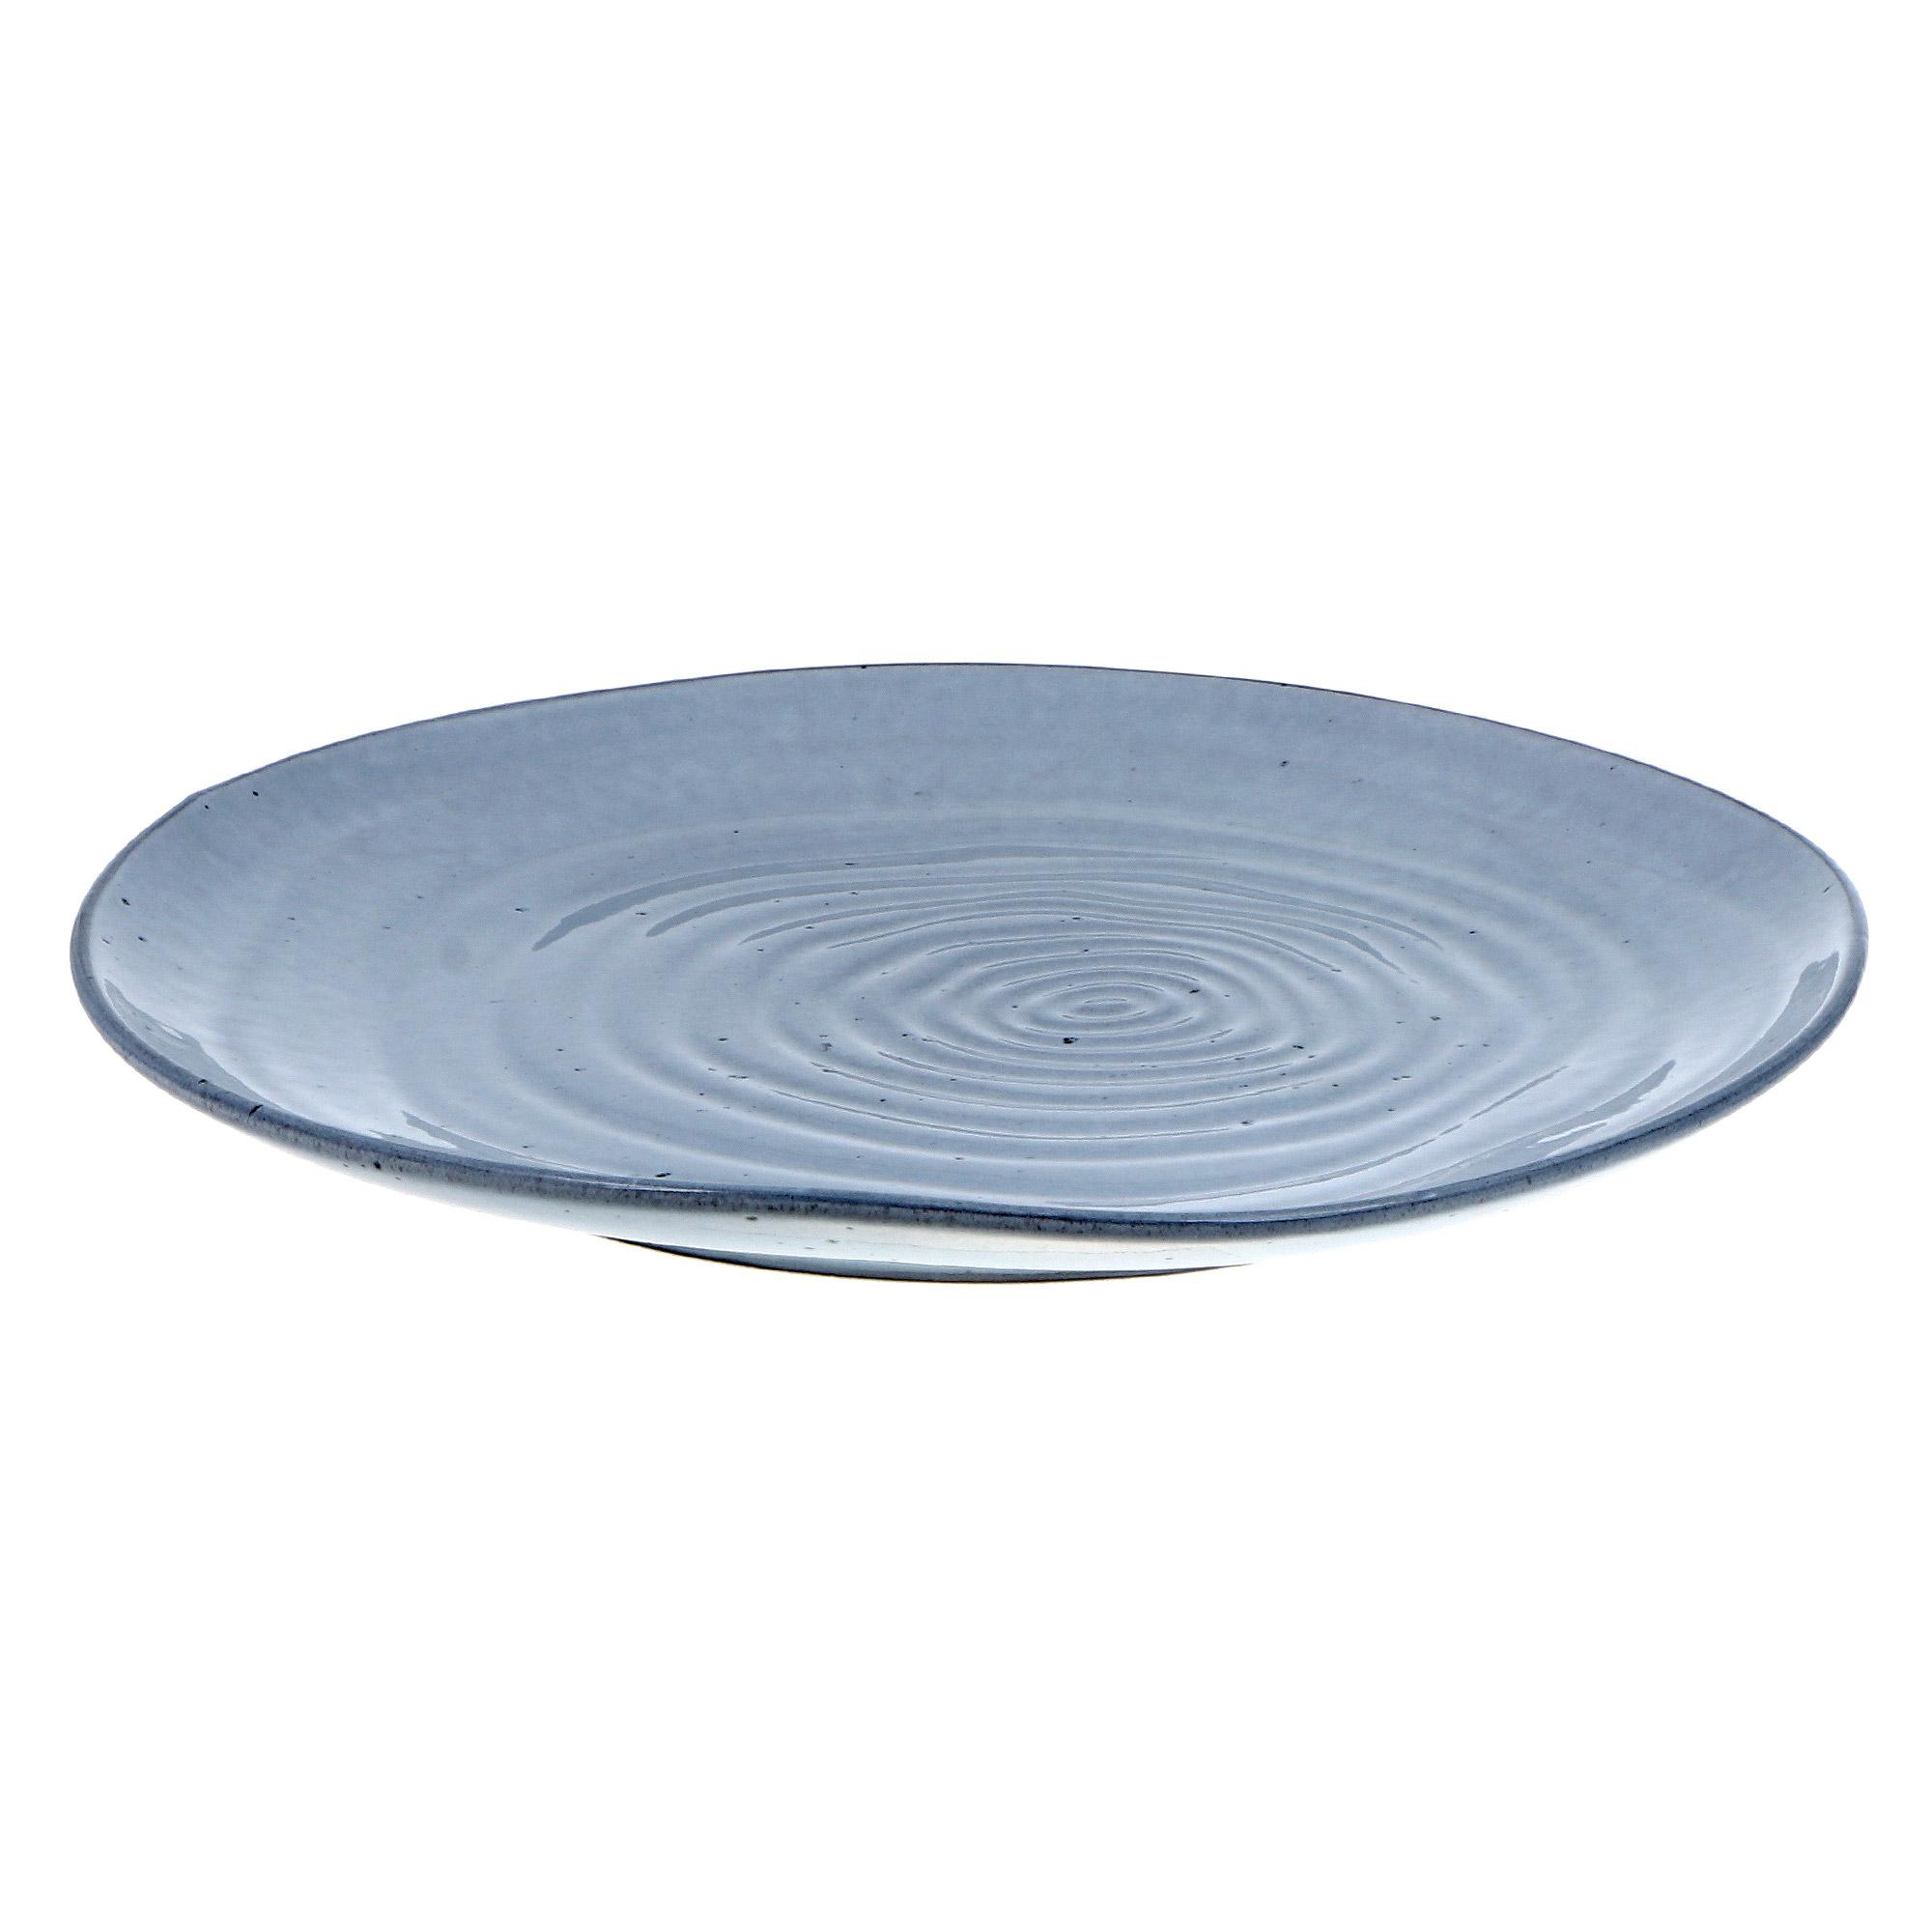 Купить Тарелка обеденная 26см Tognana vulcania waves celeste, Китай, фарфор